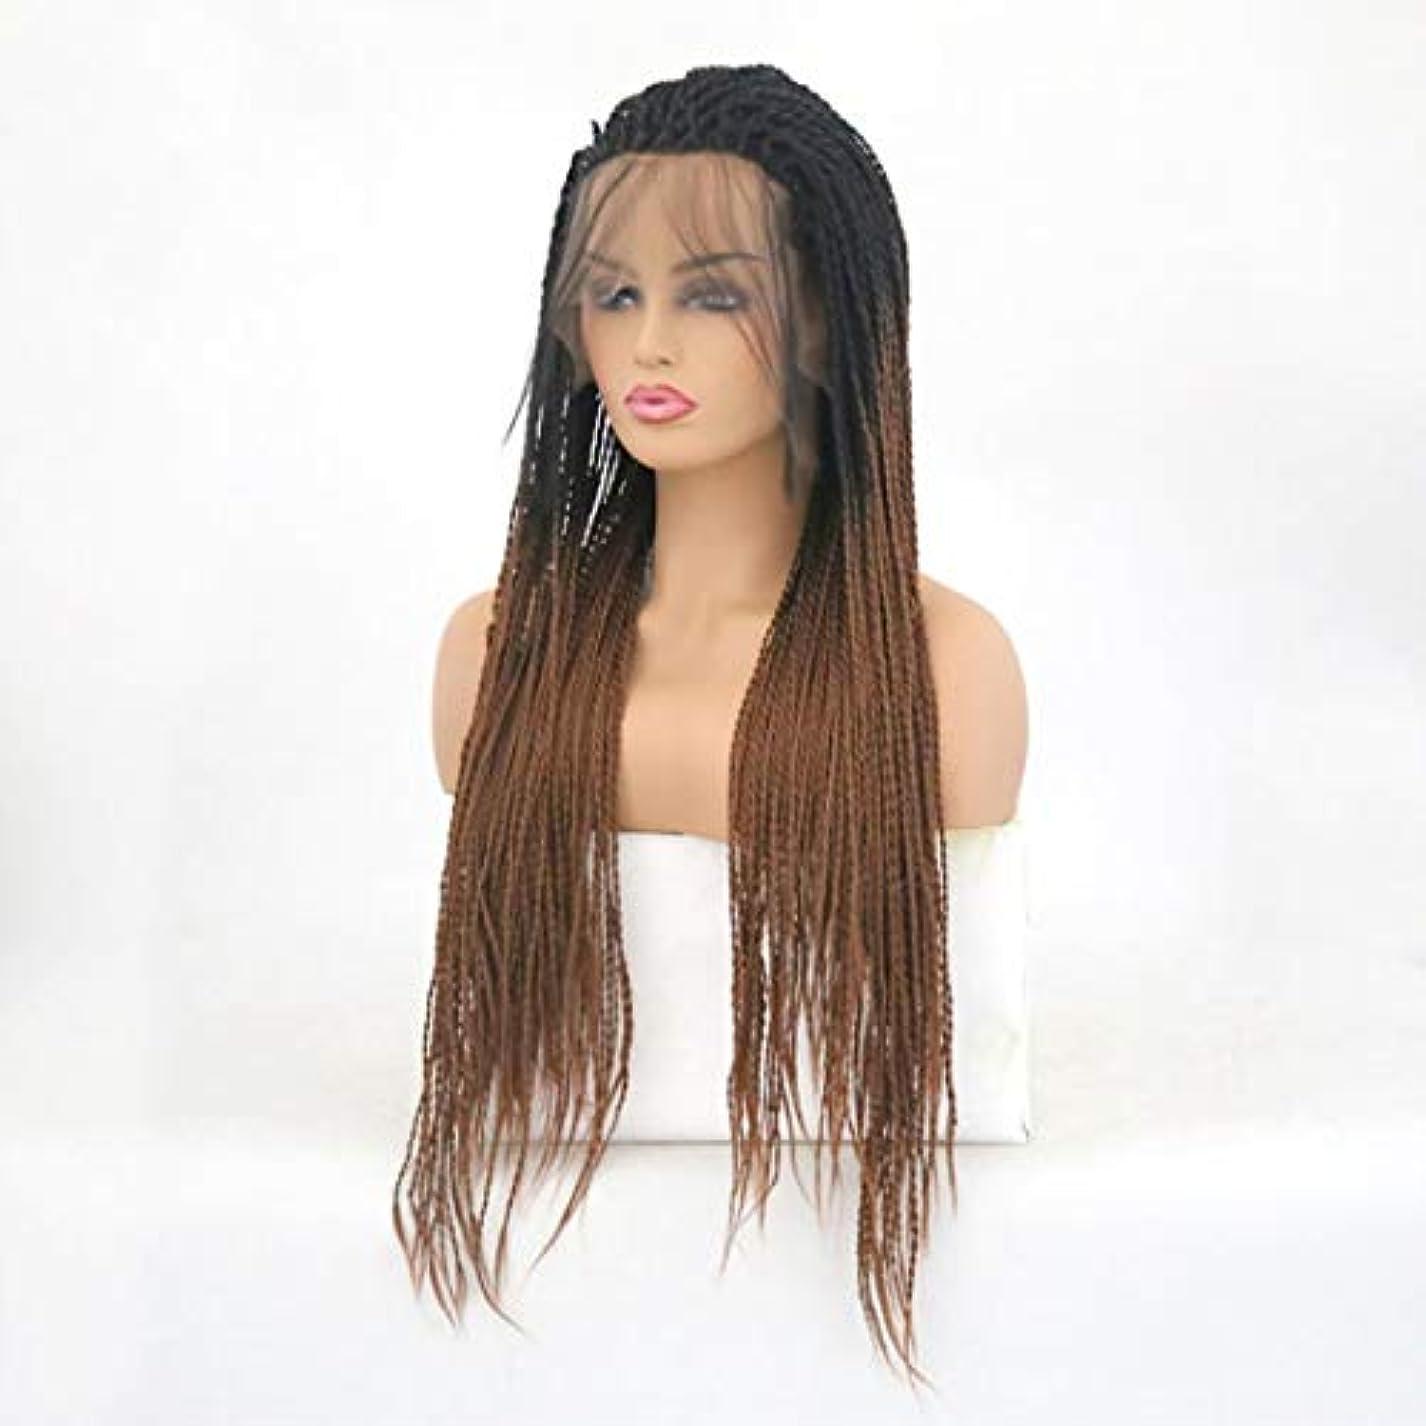 大使審判行方不明Kerwinner ツイストブレイドかぎ針編みブレイドヘアエクステンション事前ループ女性用高温繊維